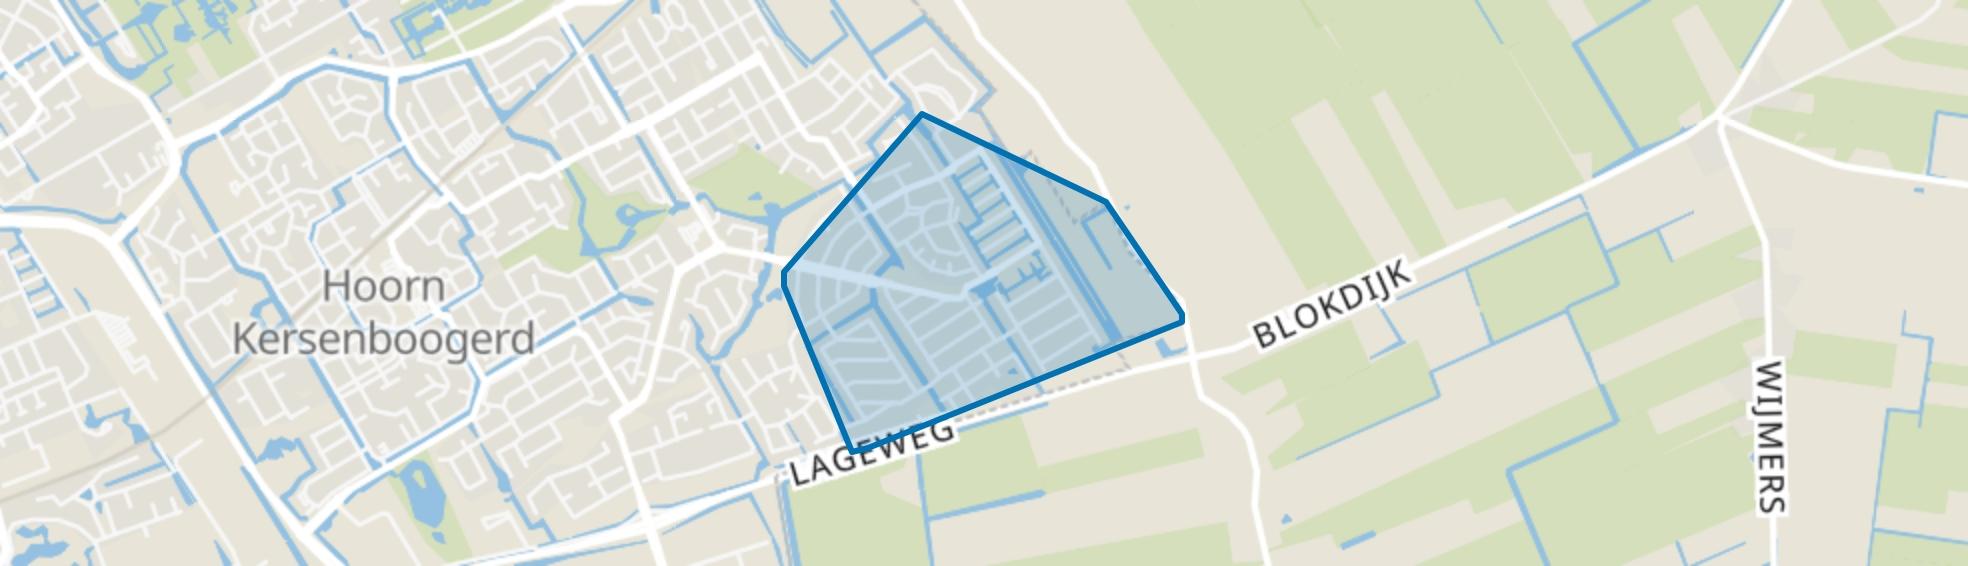 Kersenboogerd-Zuid - Buurt 33 06, Hoorn (NH) map